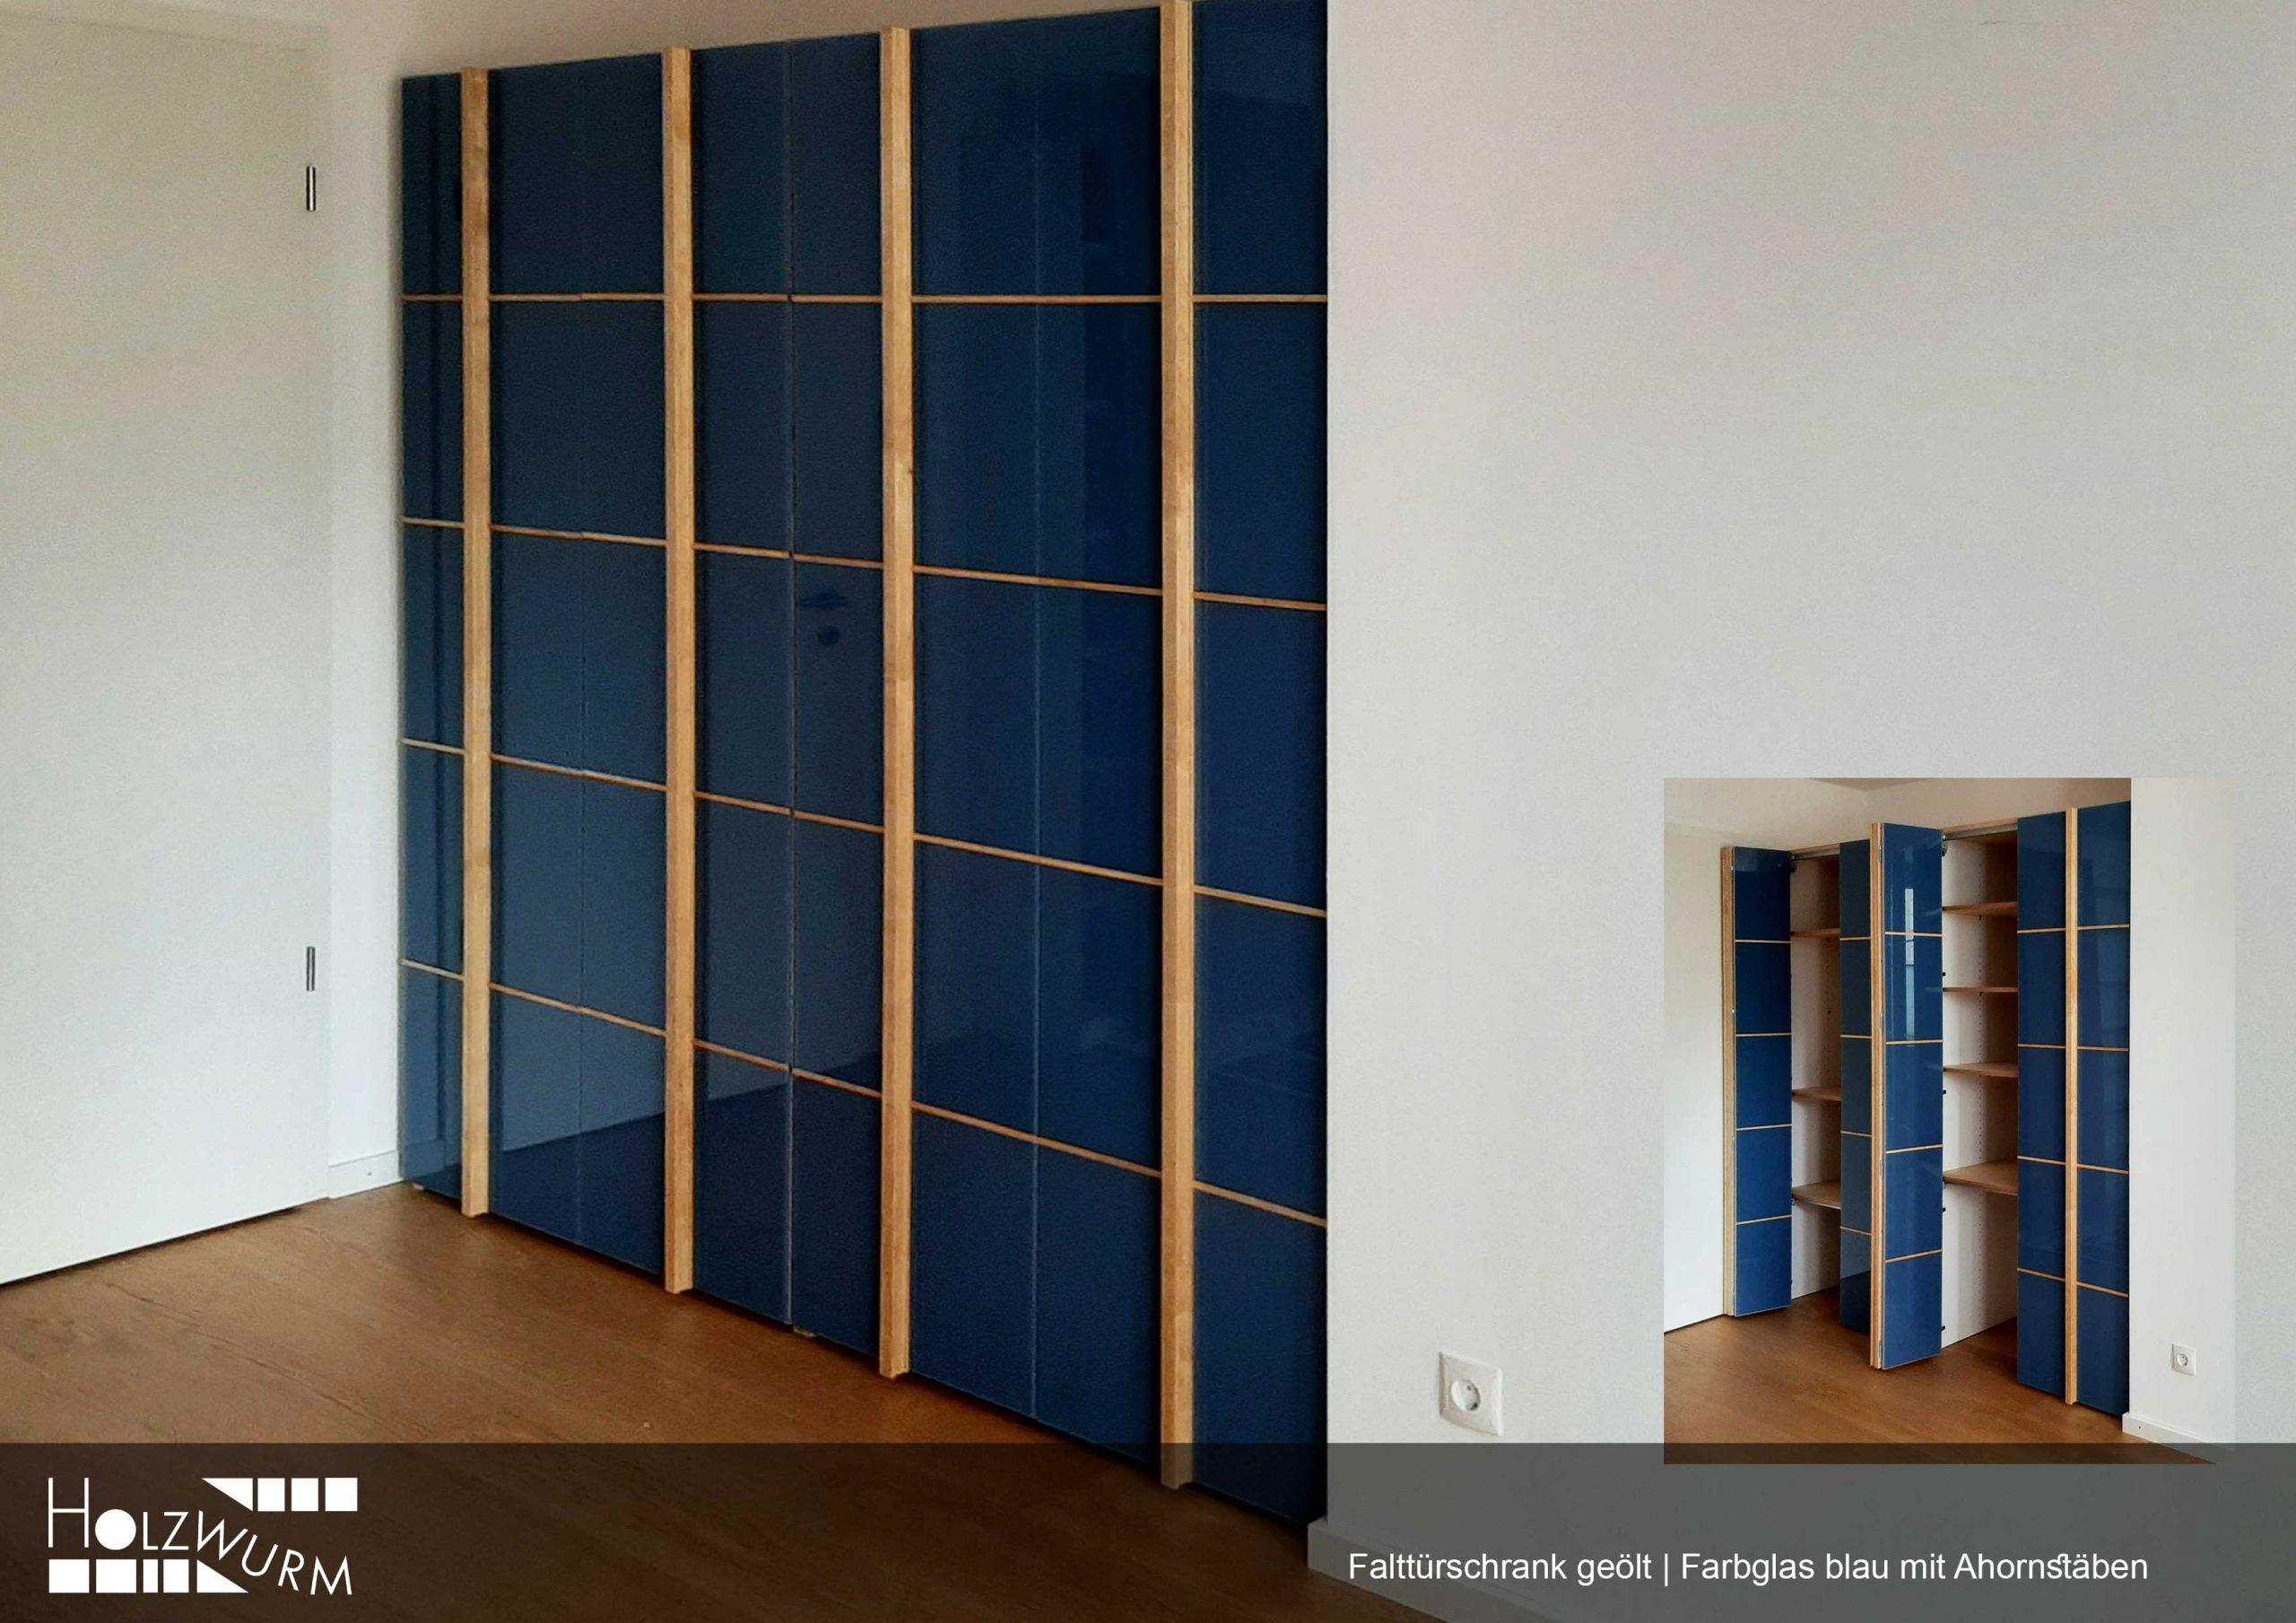 Falttürschrank in Ahorn mit blauem Farbglas